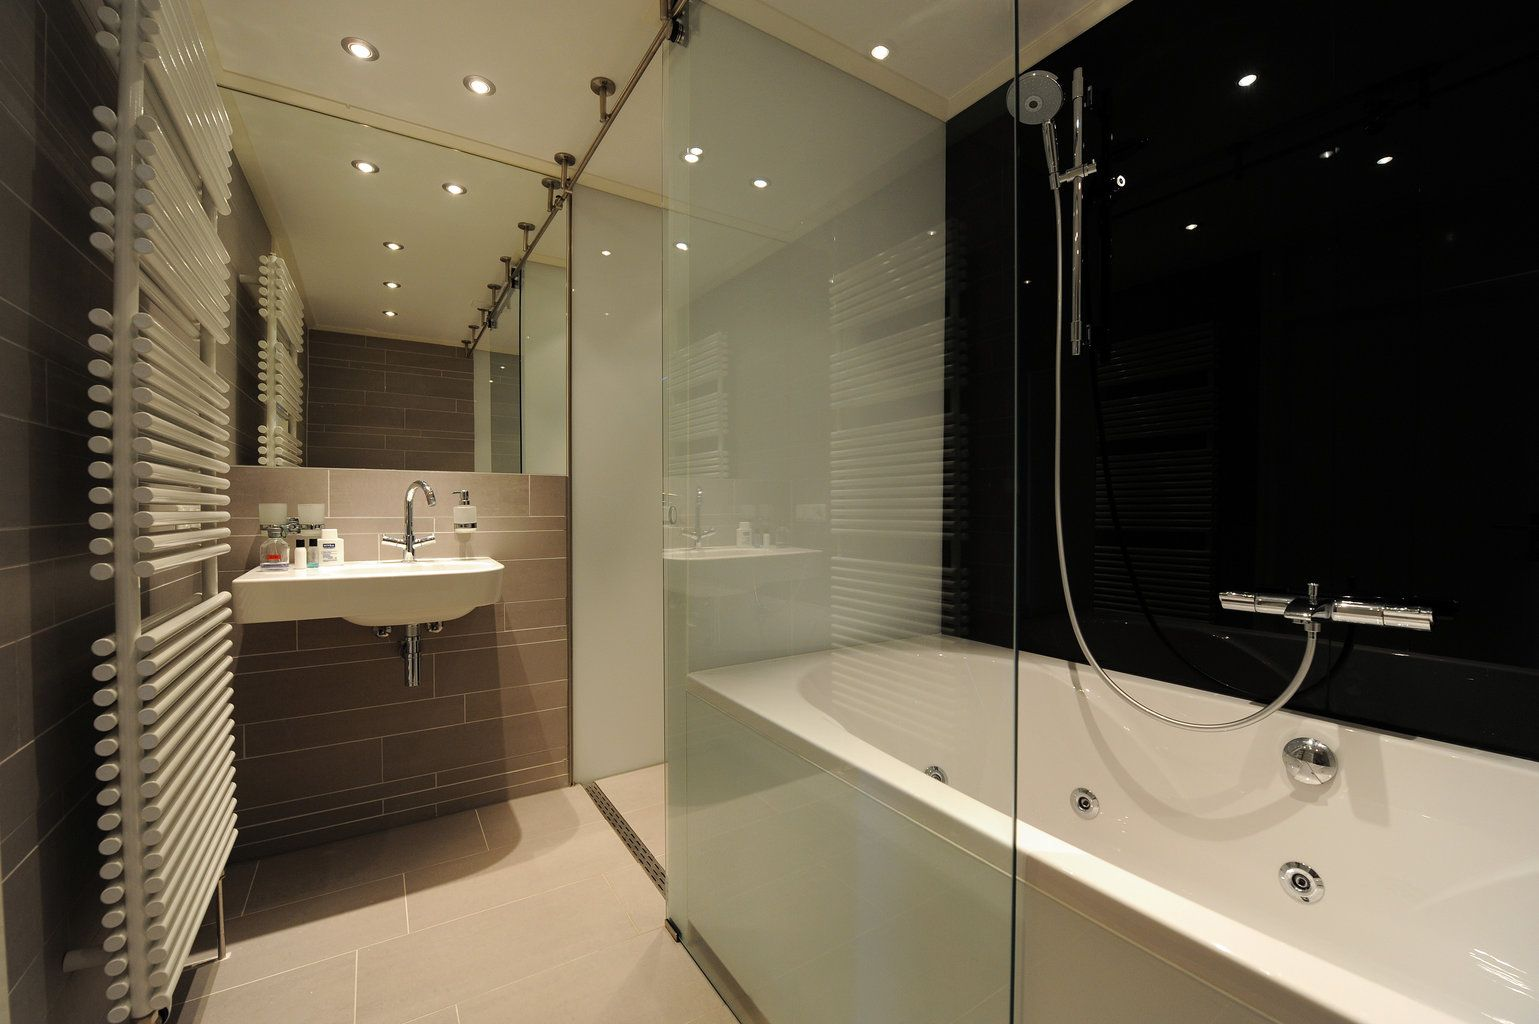 Gekleurd glas is ideaal om de wanden in je badkamer te bekleden